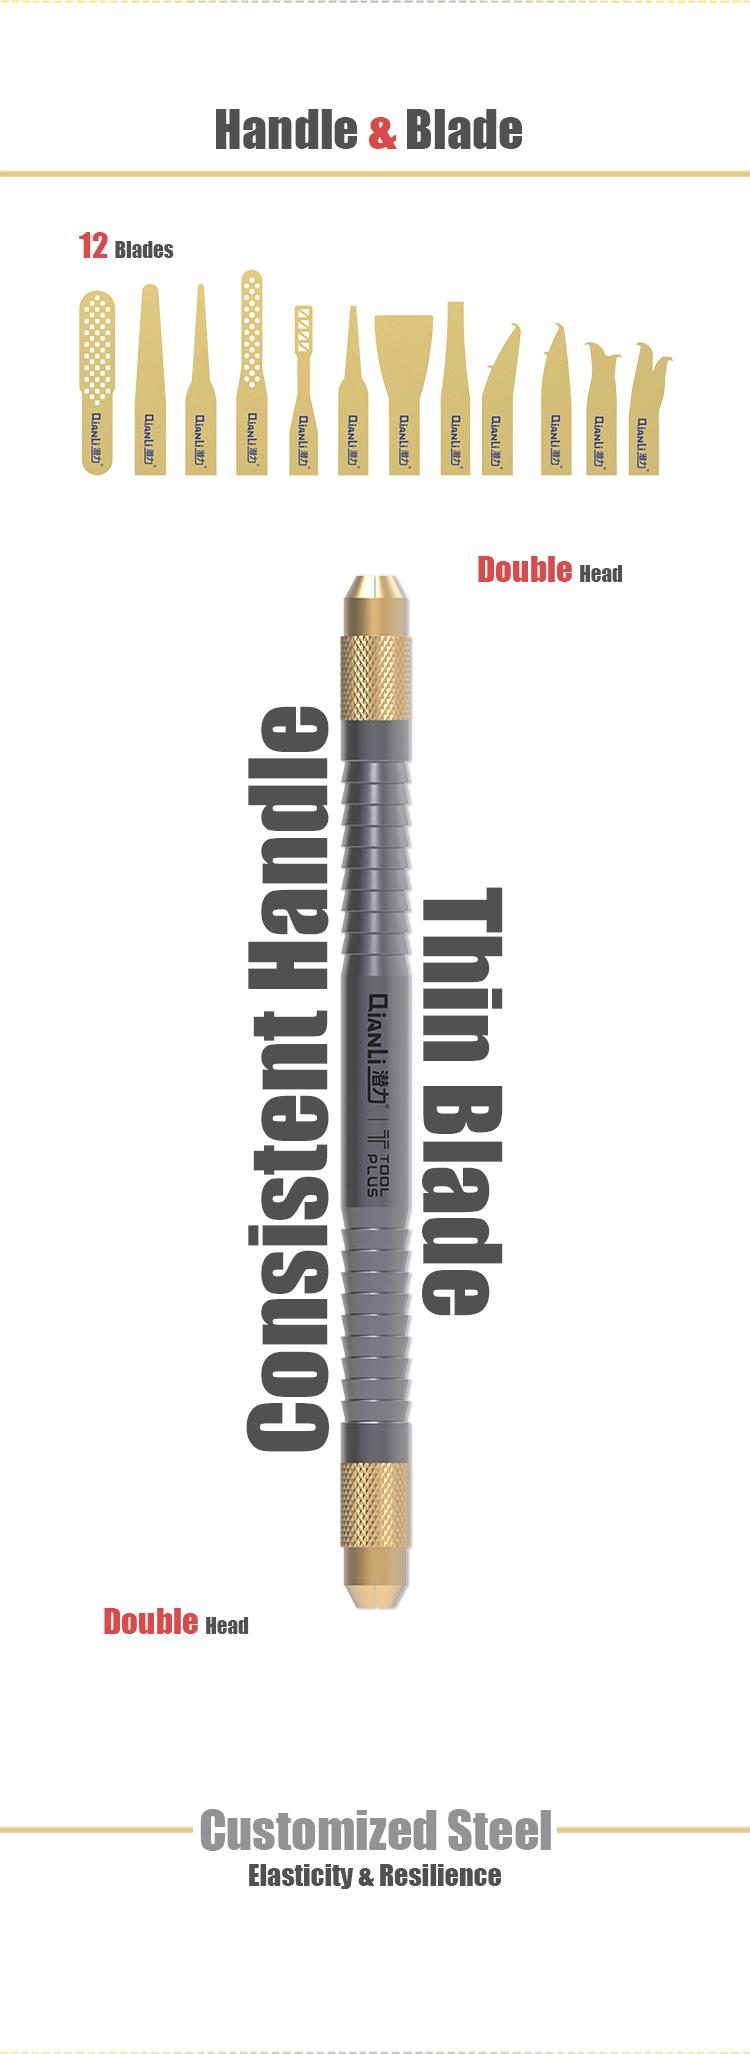 QianLi 009 Original multifunctional knife for iPhone repair CPU IC Chip Glue Remove Thin blade Motherboard Repair Tool set